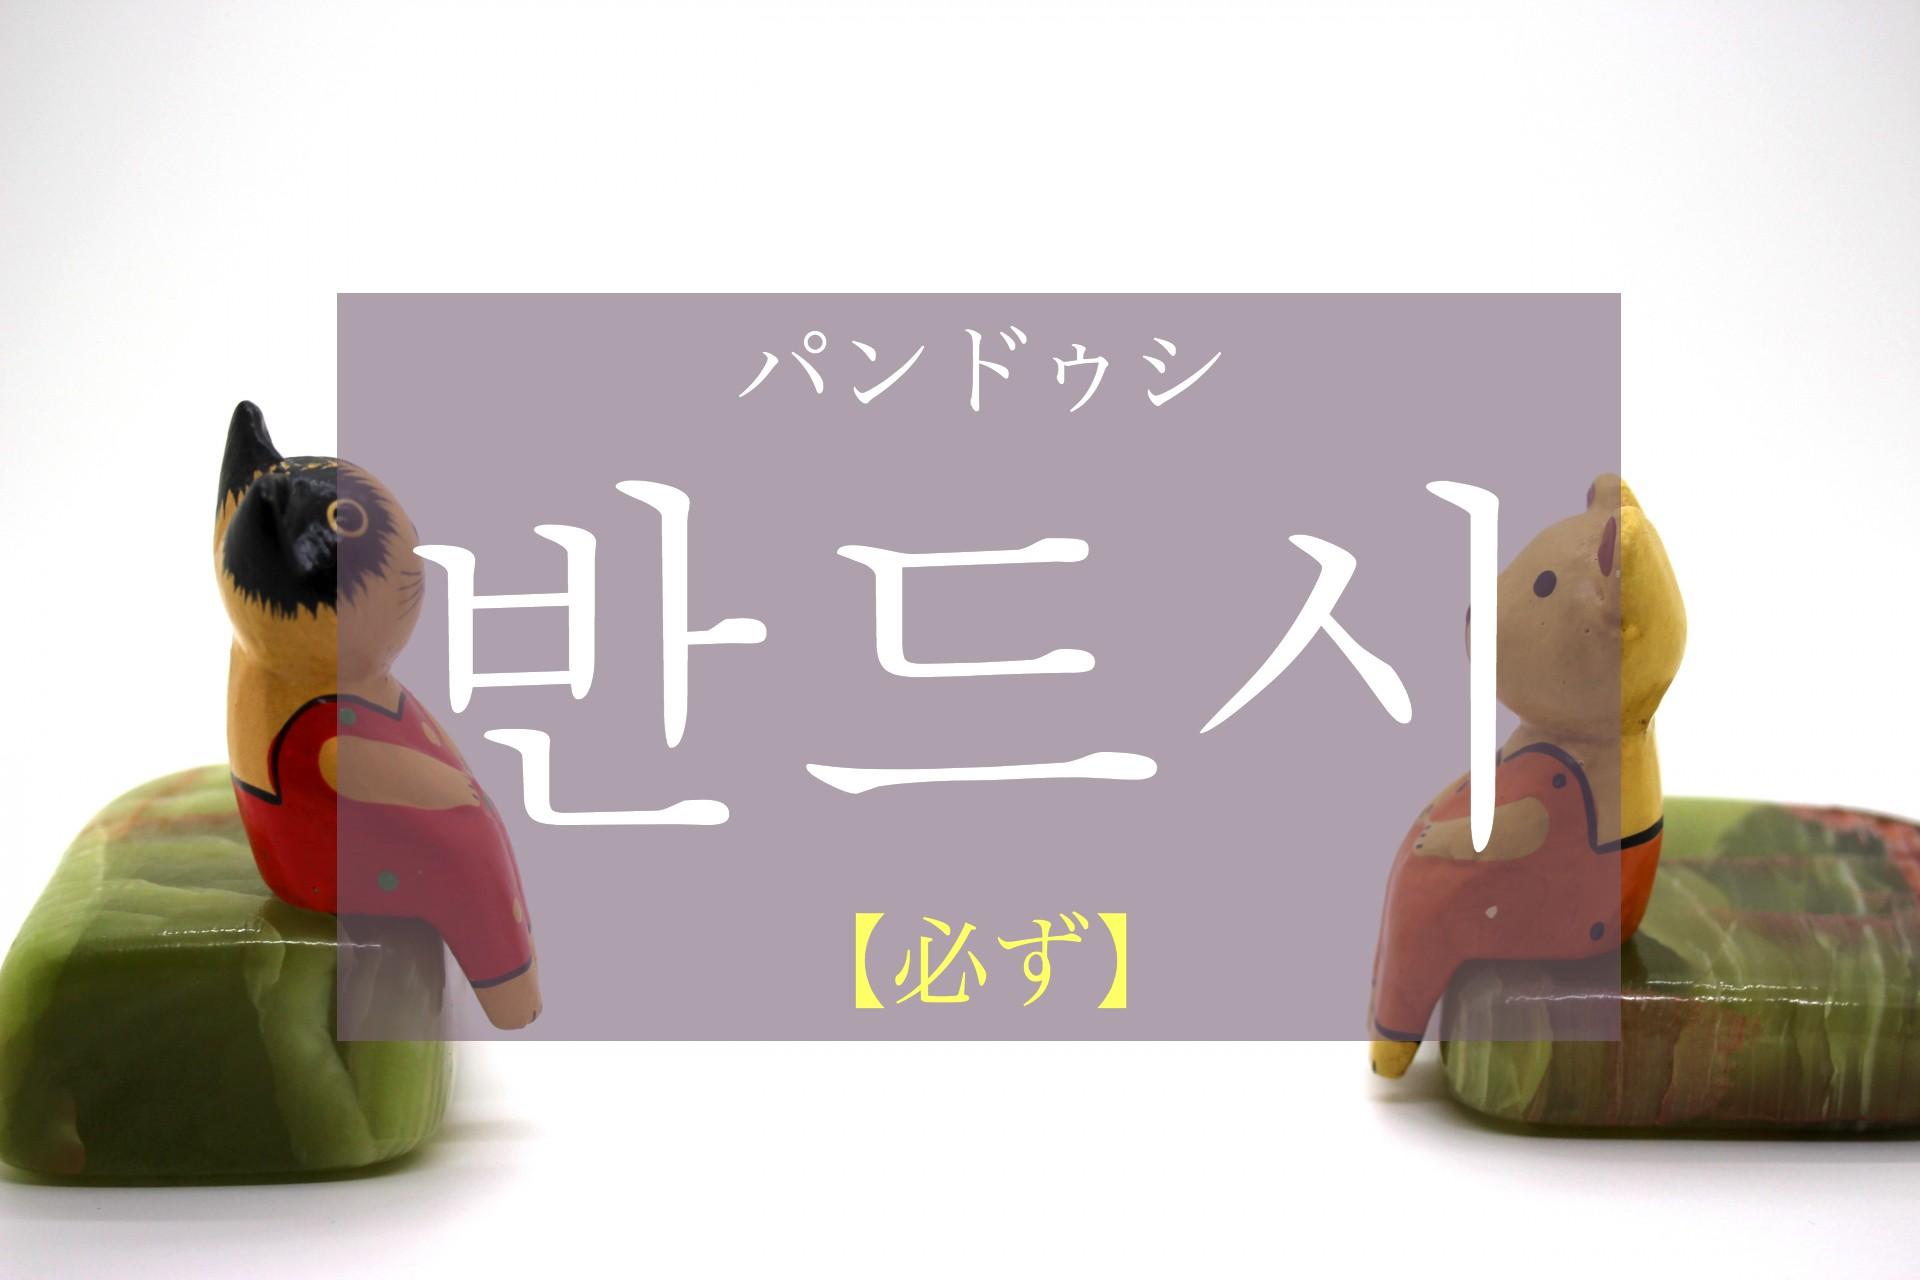 koreanword-must